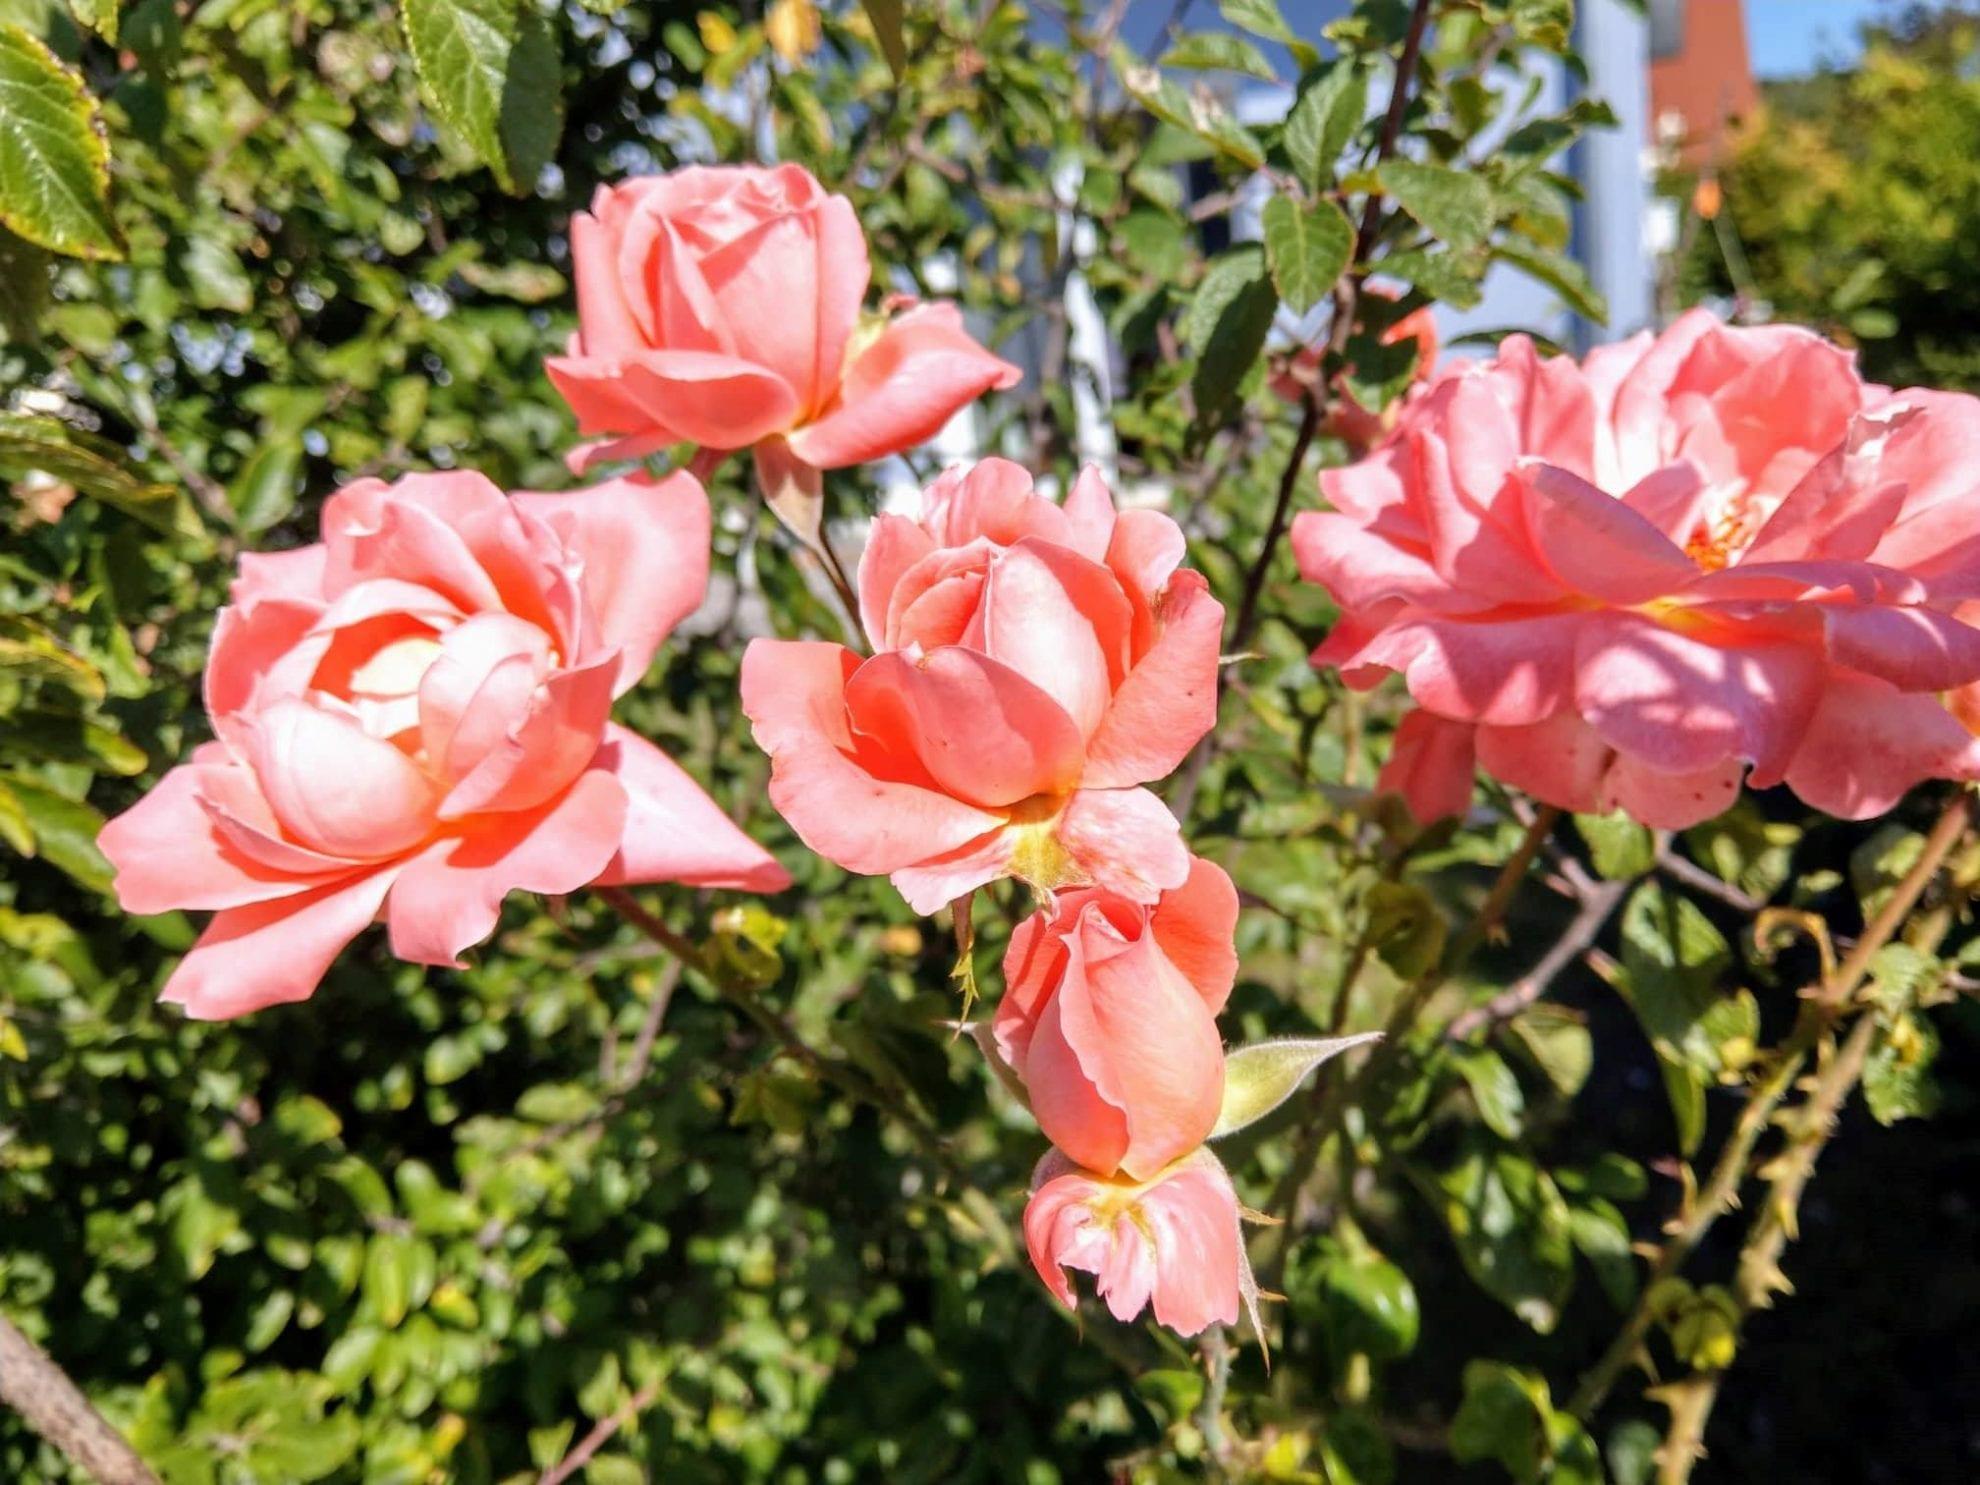 12 von 12 im September 2018, Rosenblüten, Rosen, Garten